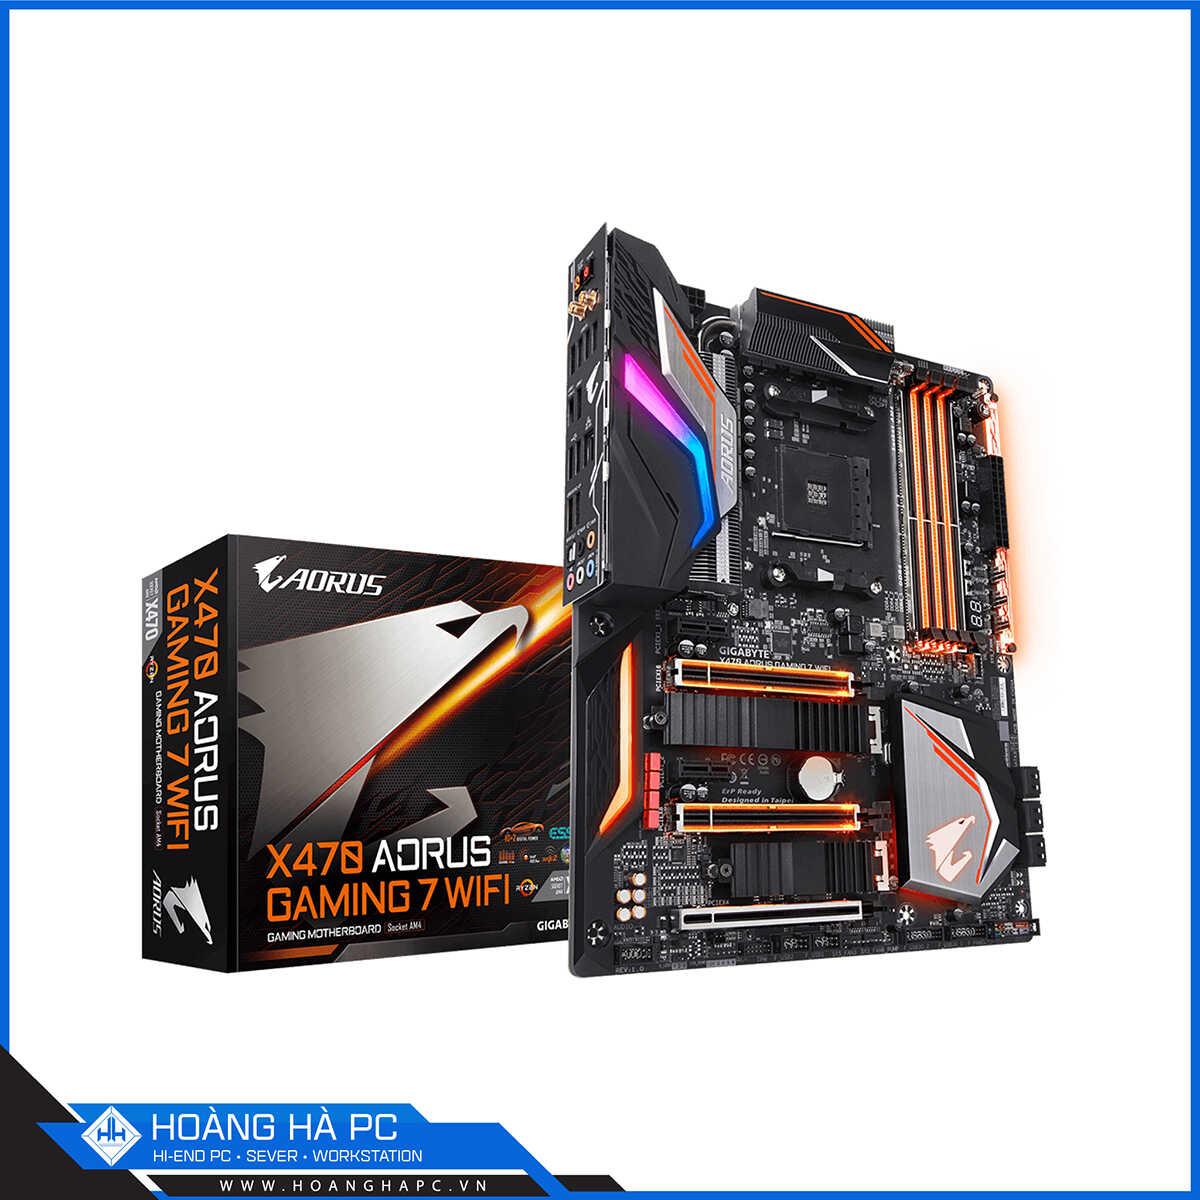 Hoàng Hà PC - Đơn vị cung cấp Mainboard AMD X470 chính hãng